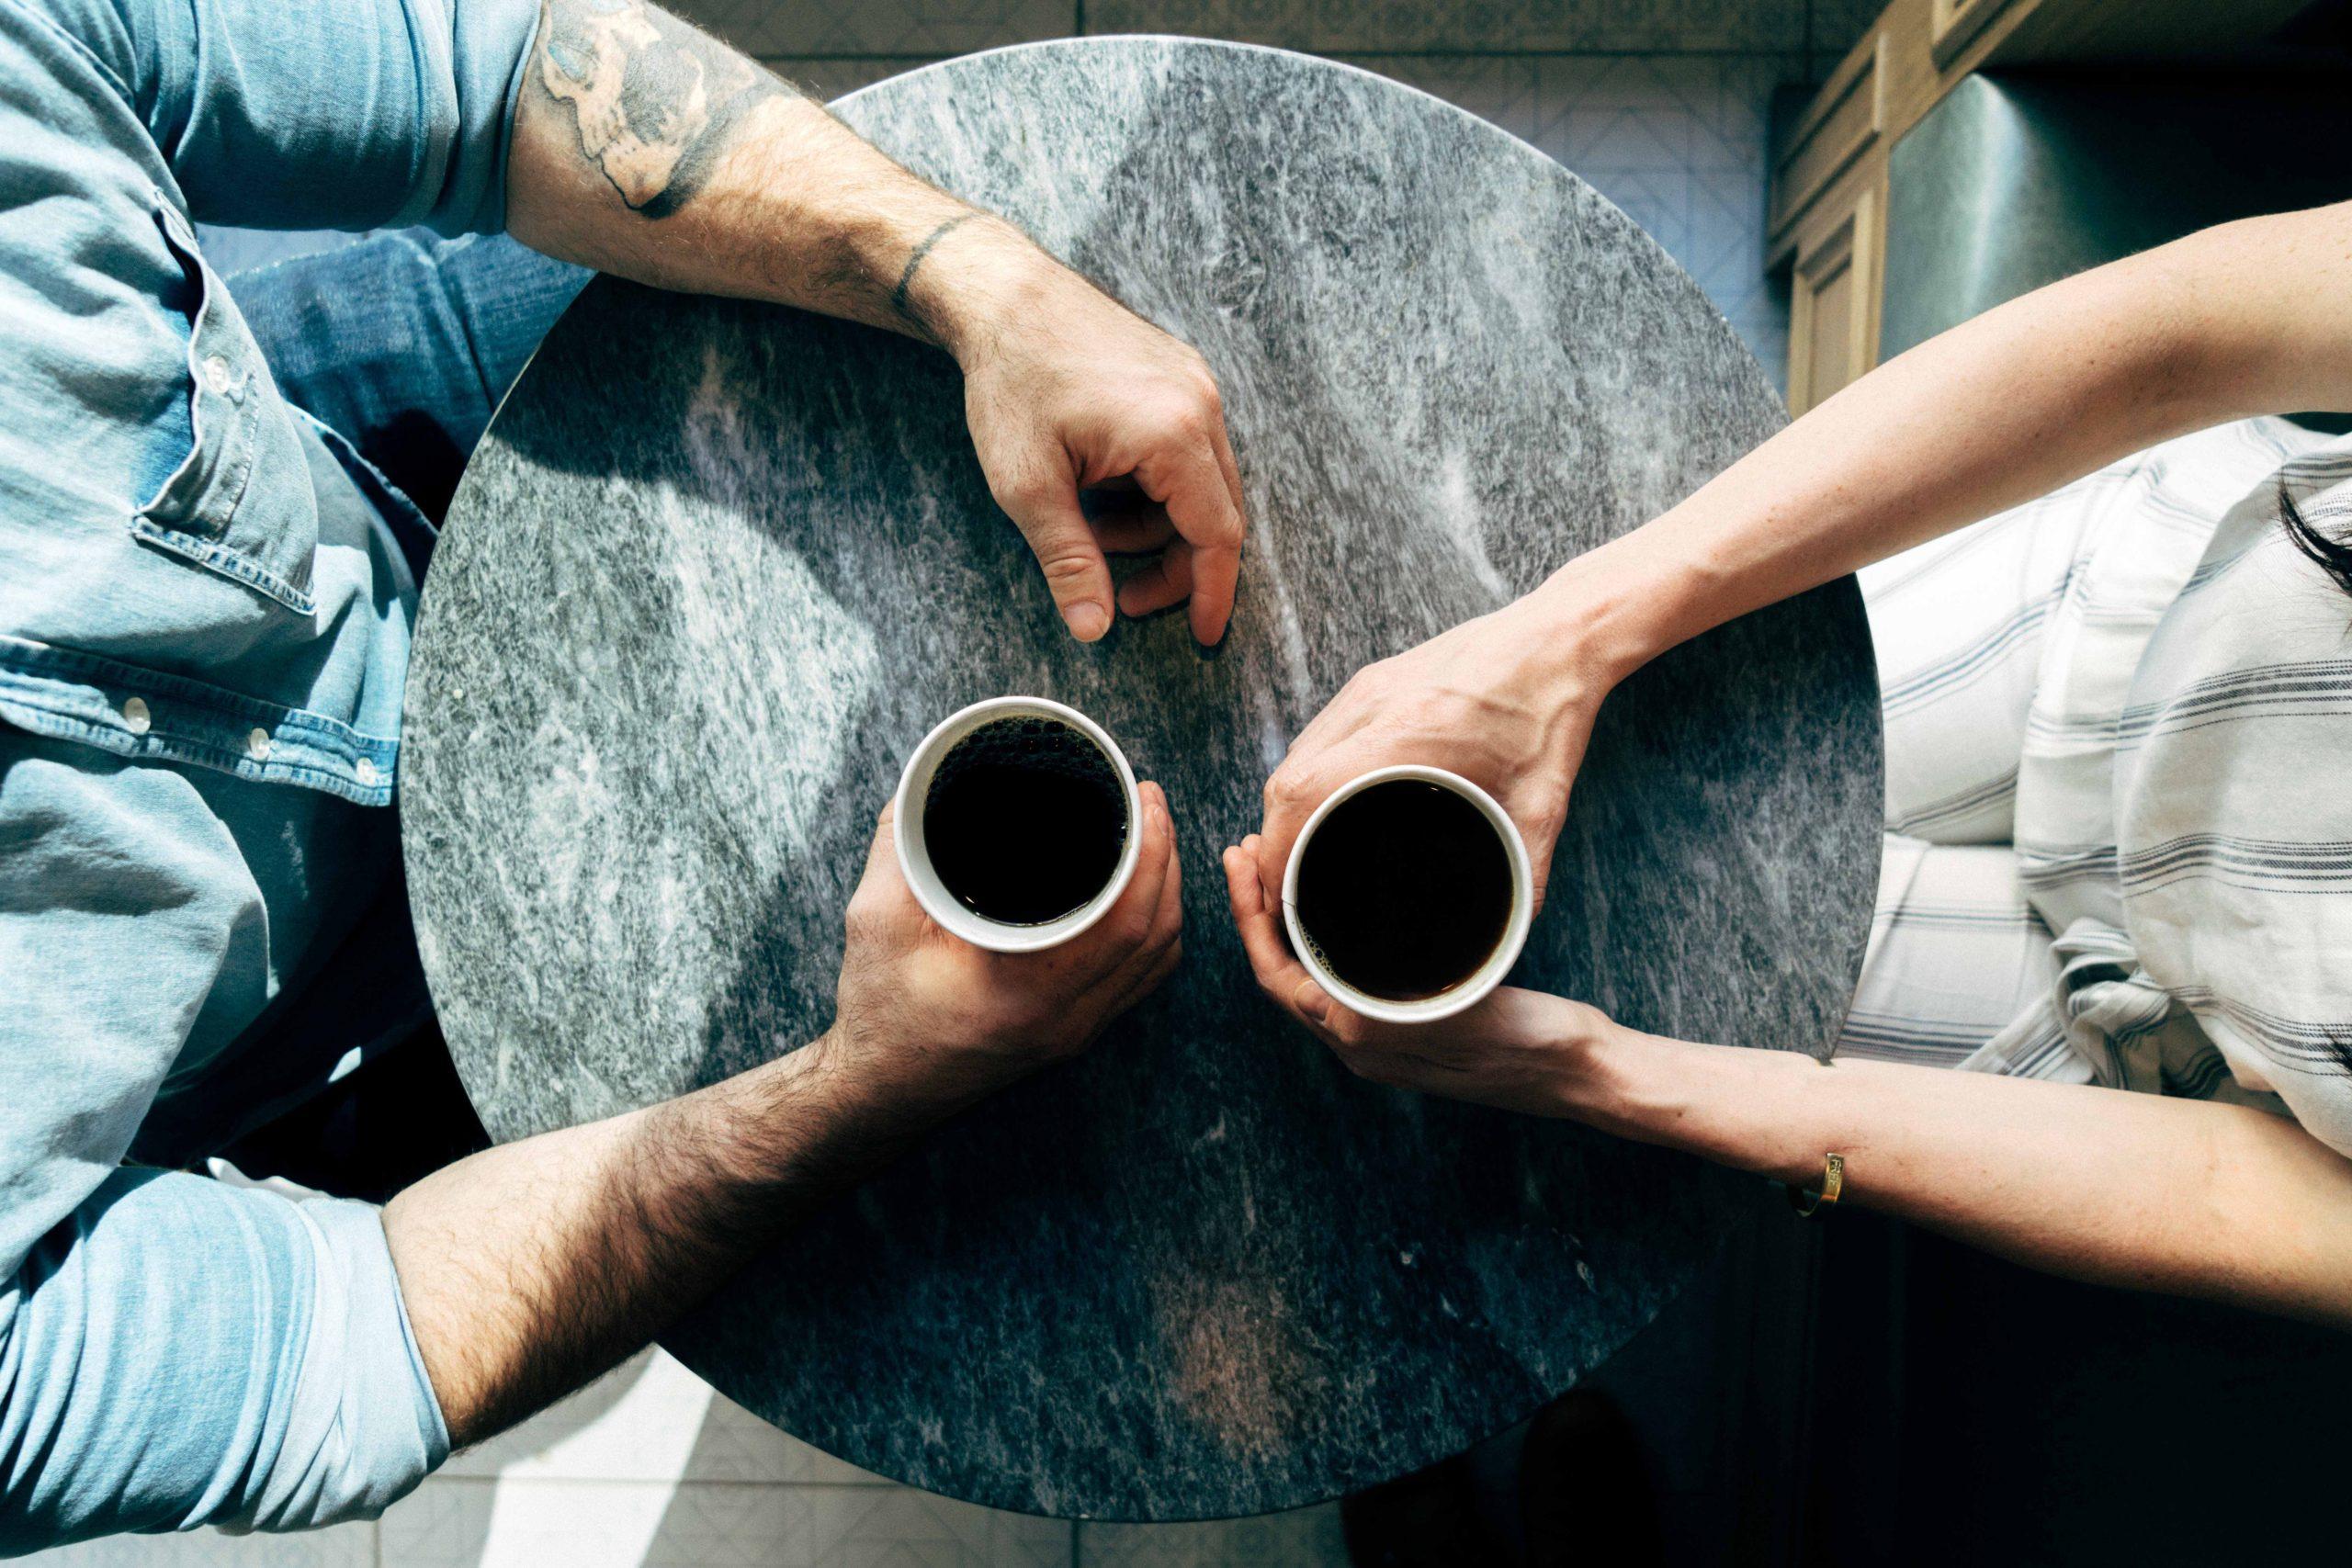 ζευγαρι πινει καφε